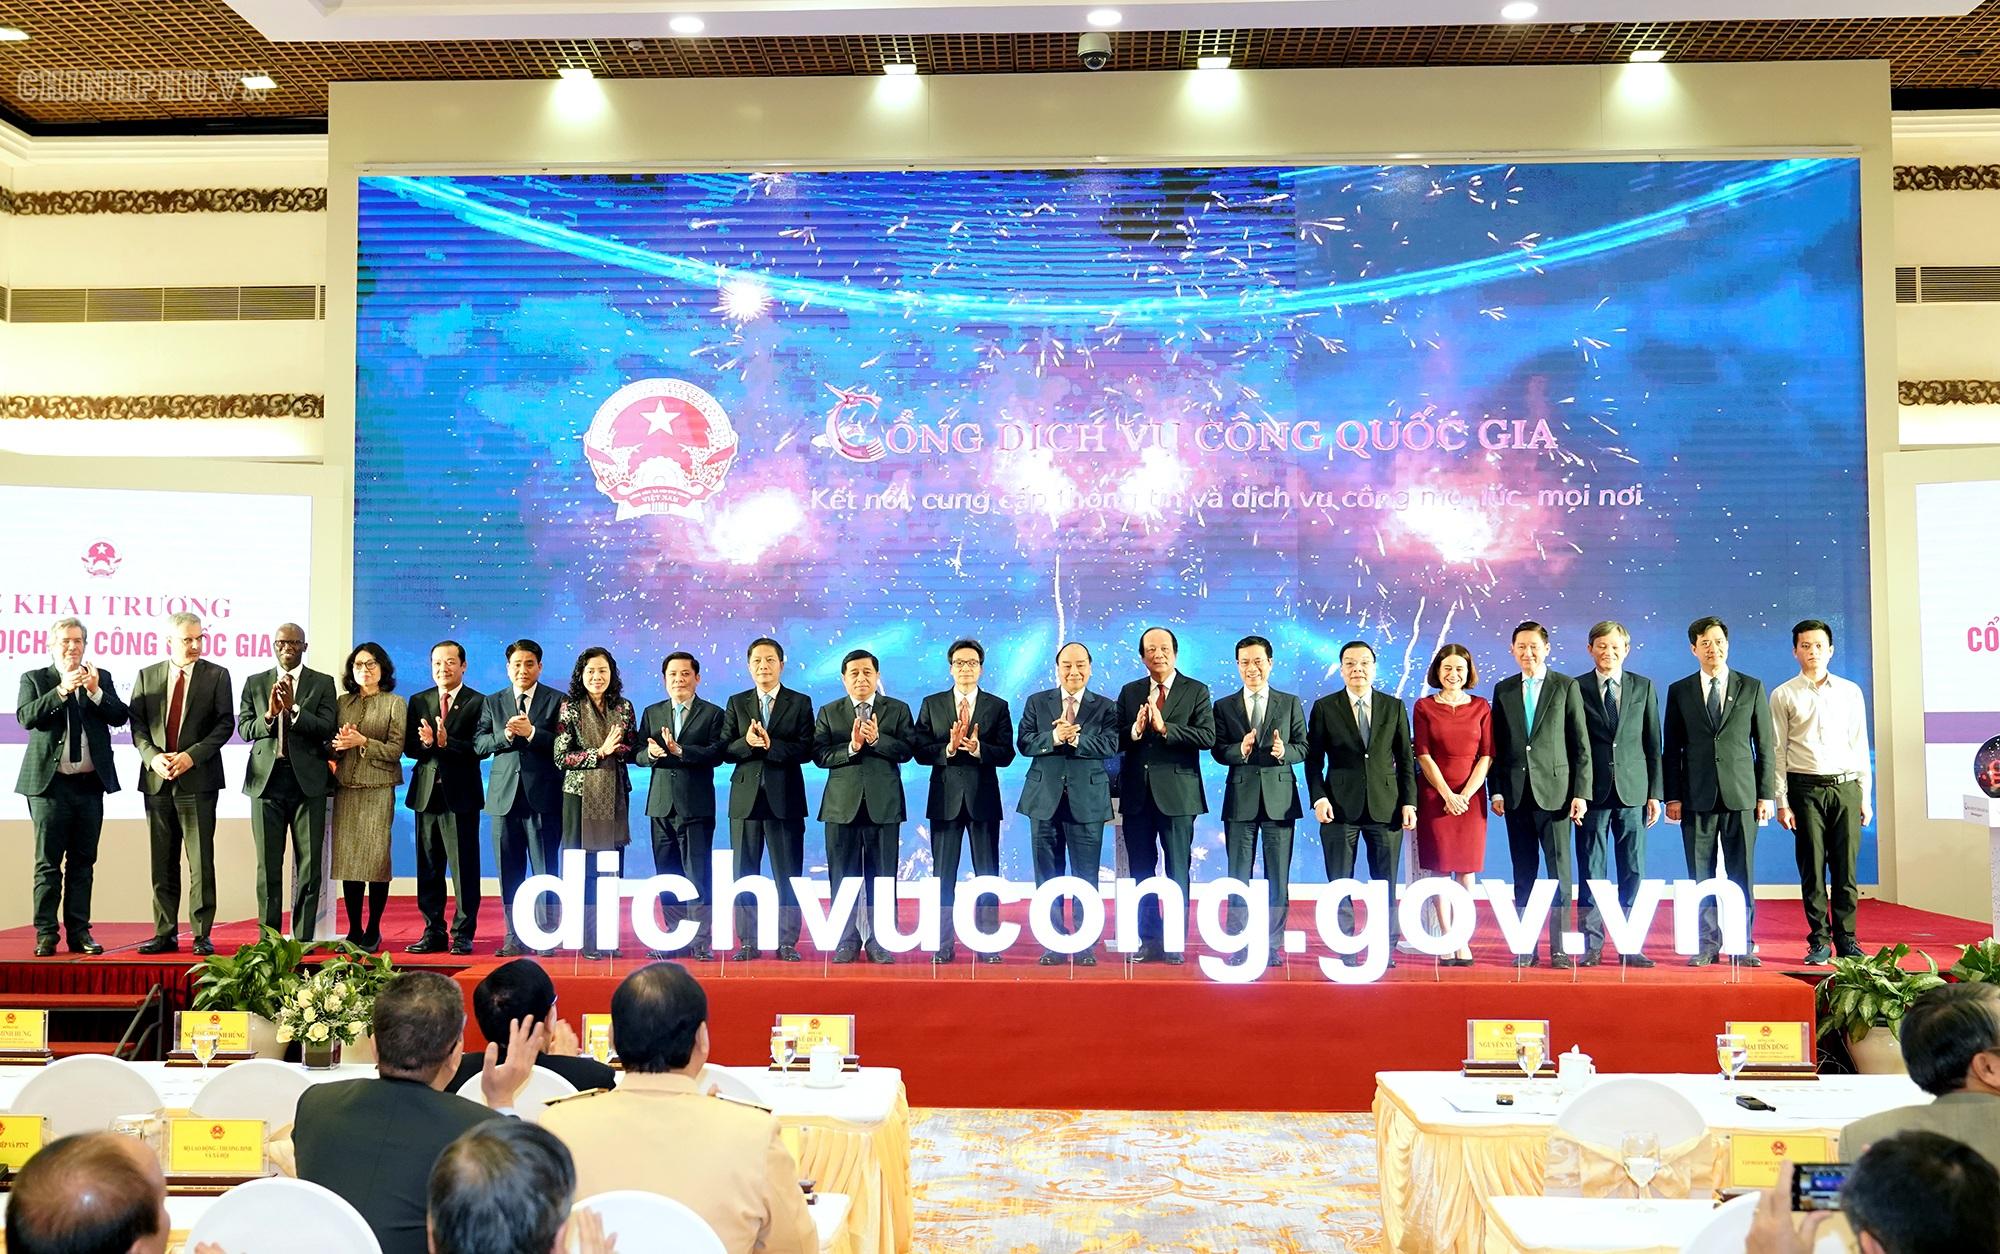 10 sự kiện công nghệ nổi bật tại Việt Nam trong năm 2019 - 3